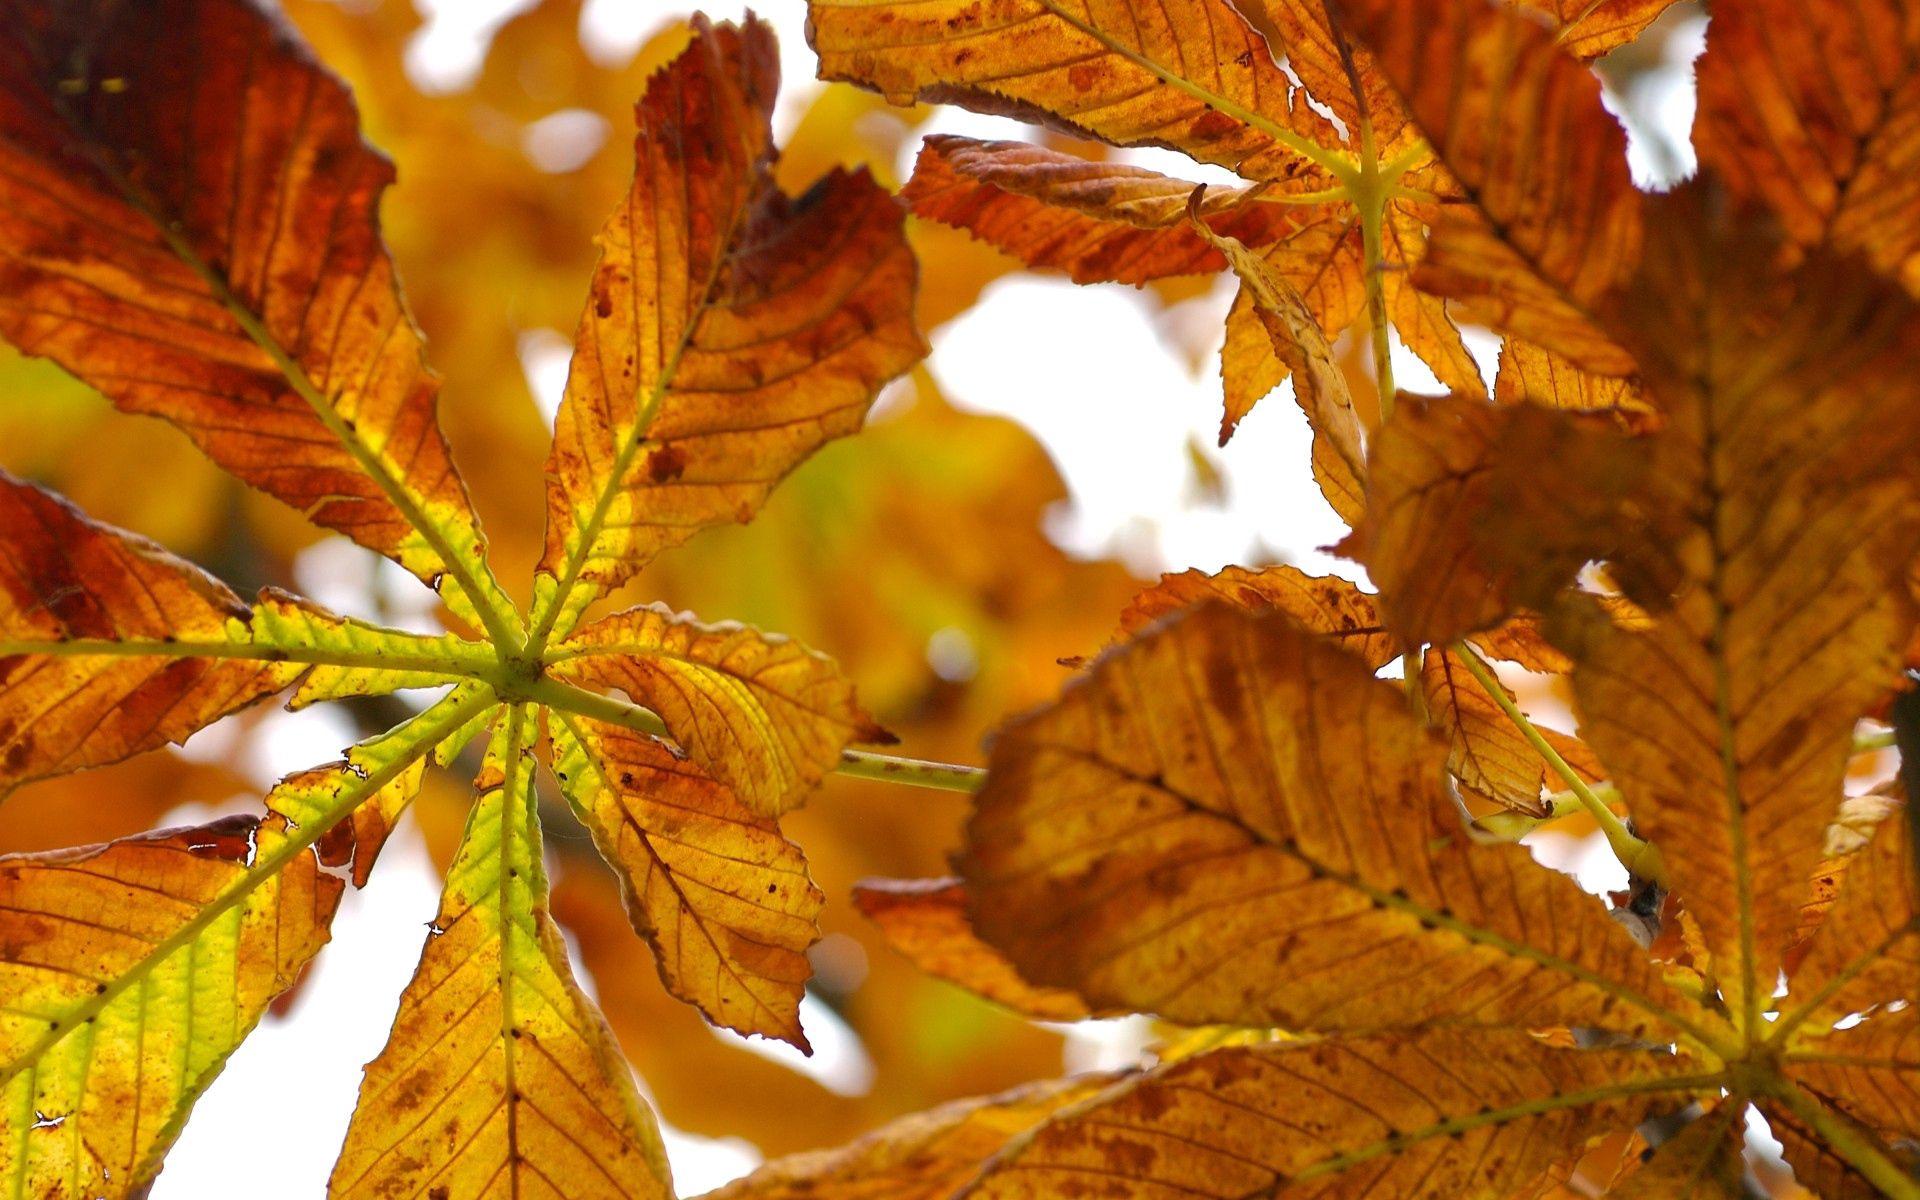 56851 скачать обои Природа, Листья, Осень, Каштан - заставки и картинки бесплатно